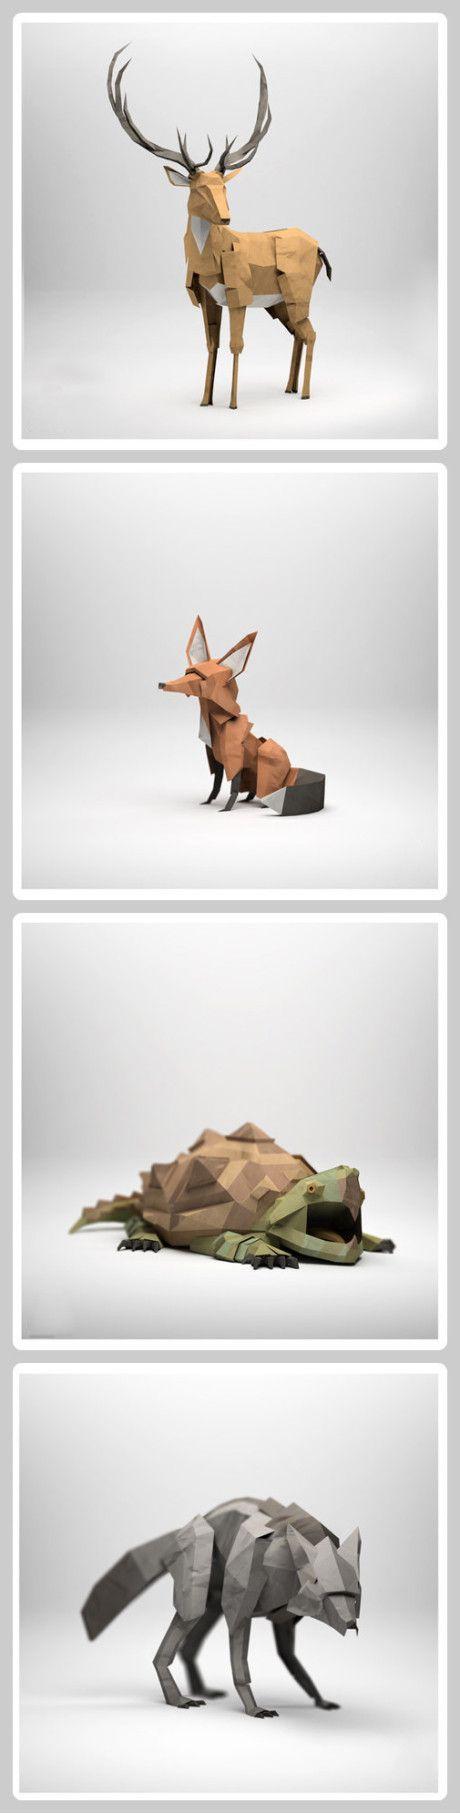 Lifelike origami